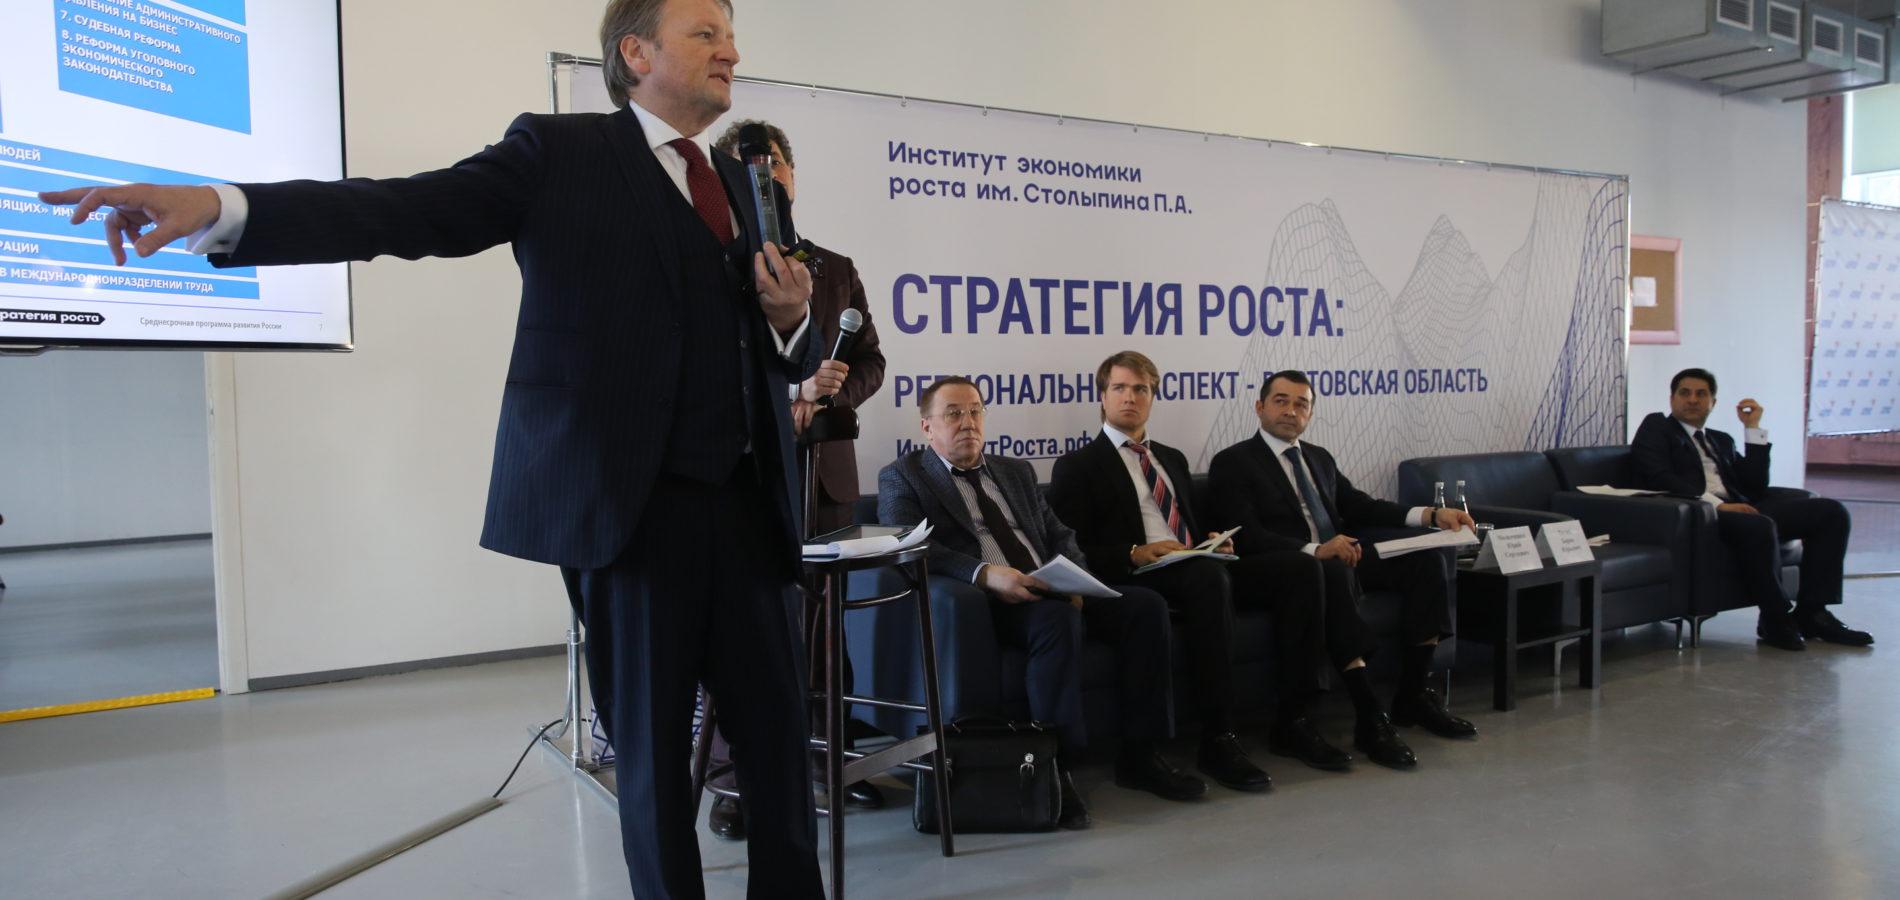 Борис Титов презентовал «Стратегию Роста» и оценил тарифную политику Ростовской области